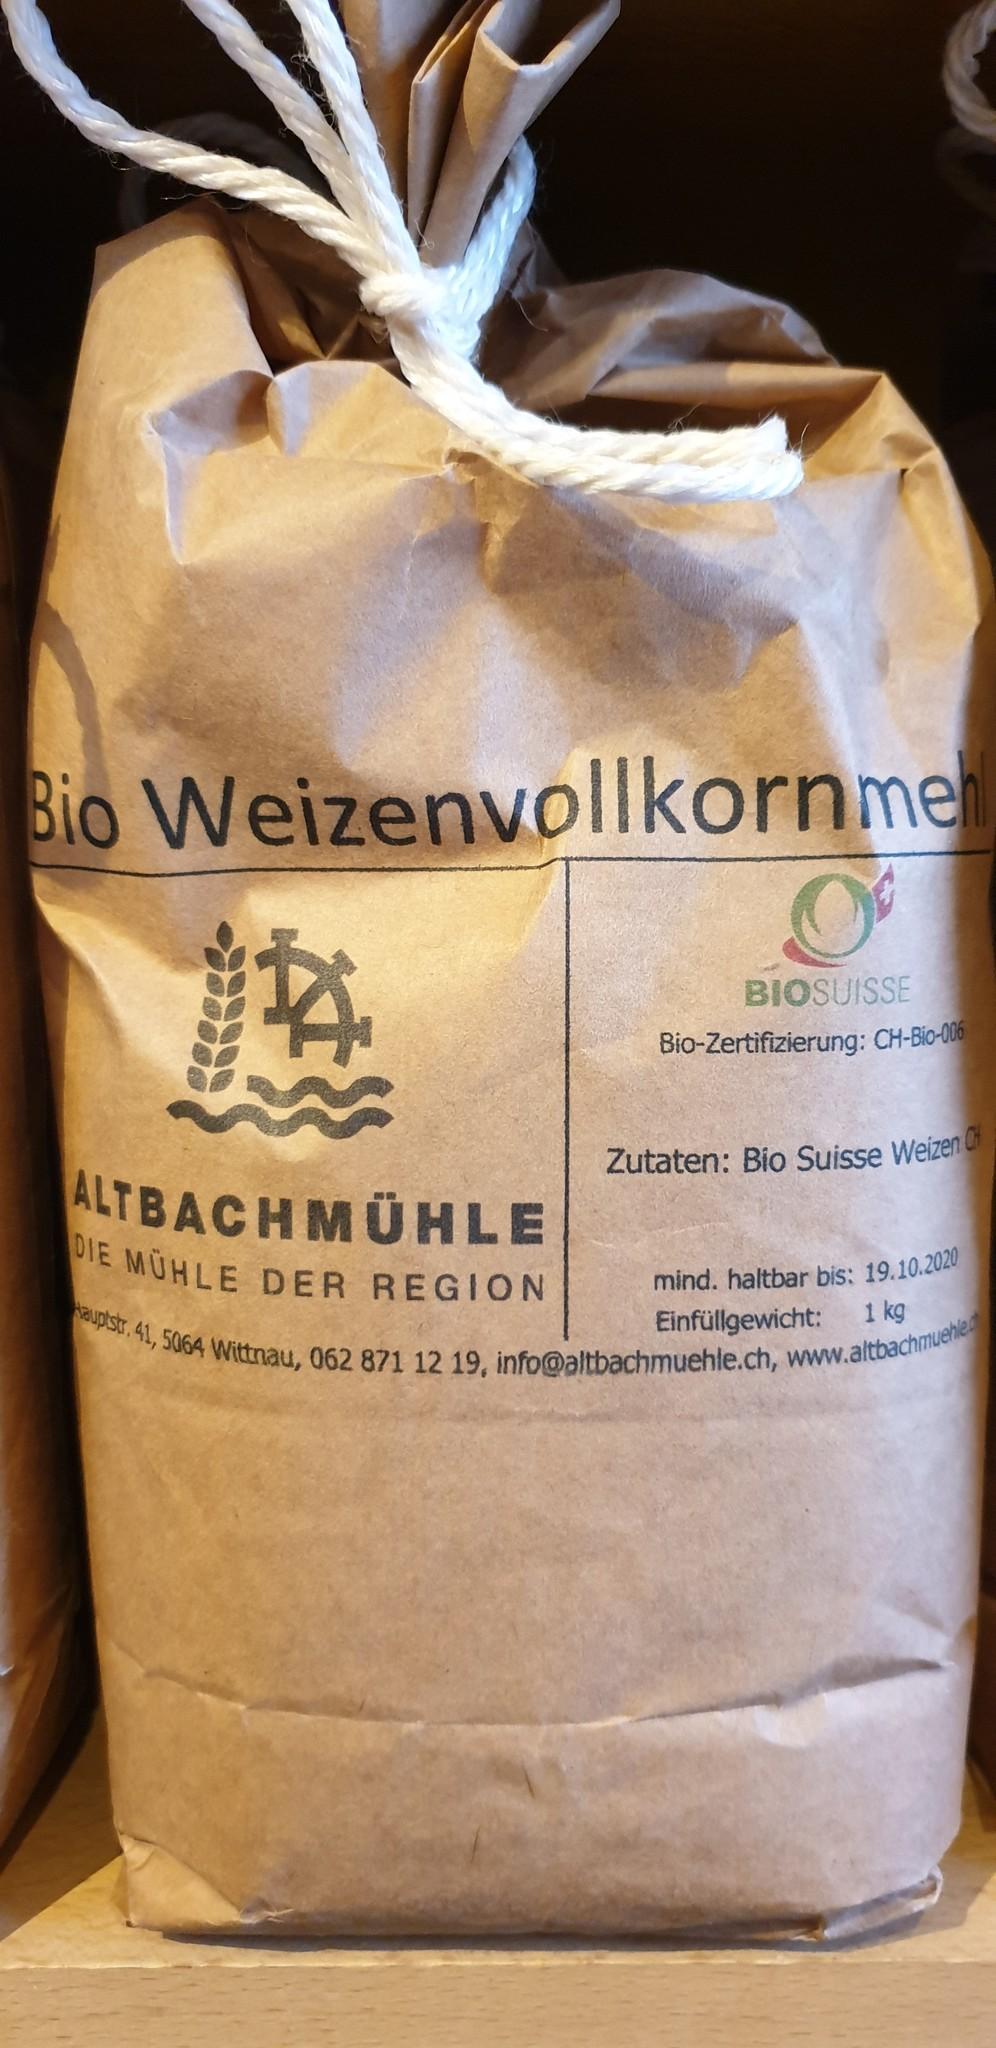 Altbachmühle Weizenvollkornmehl bio 1kg Altbachmühle